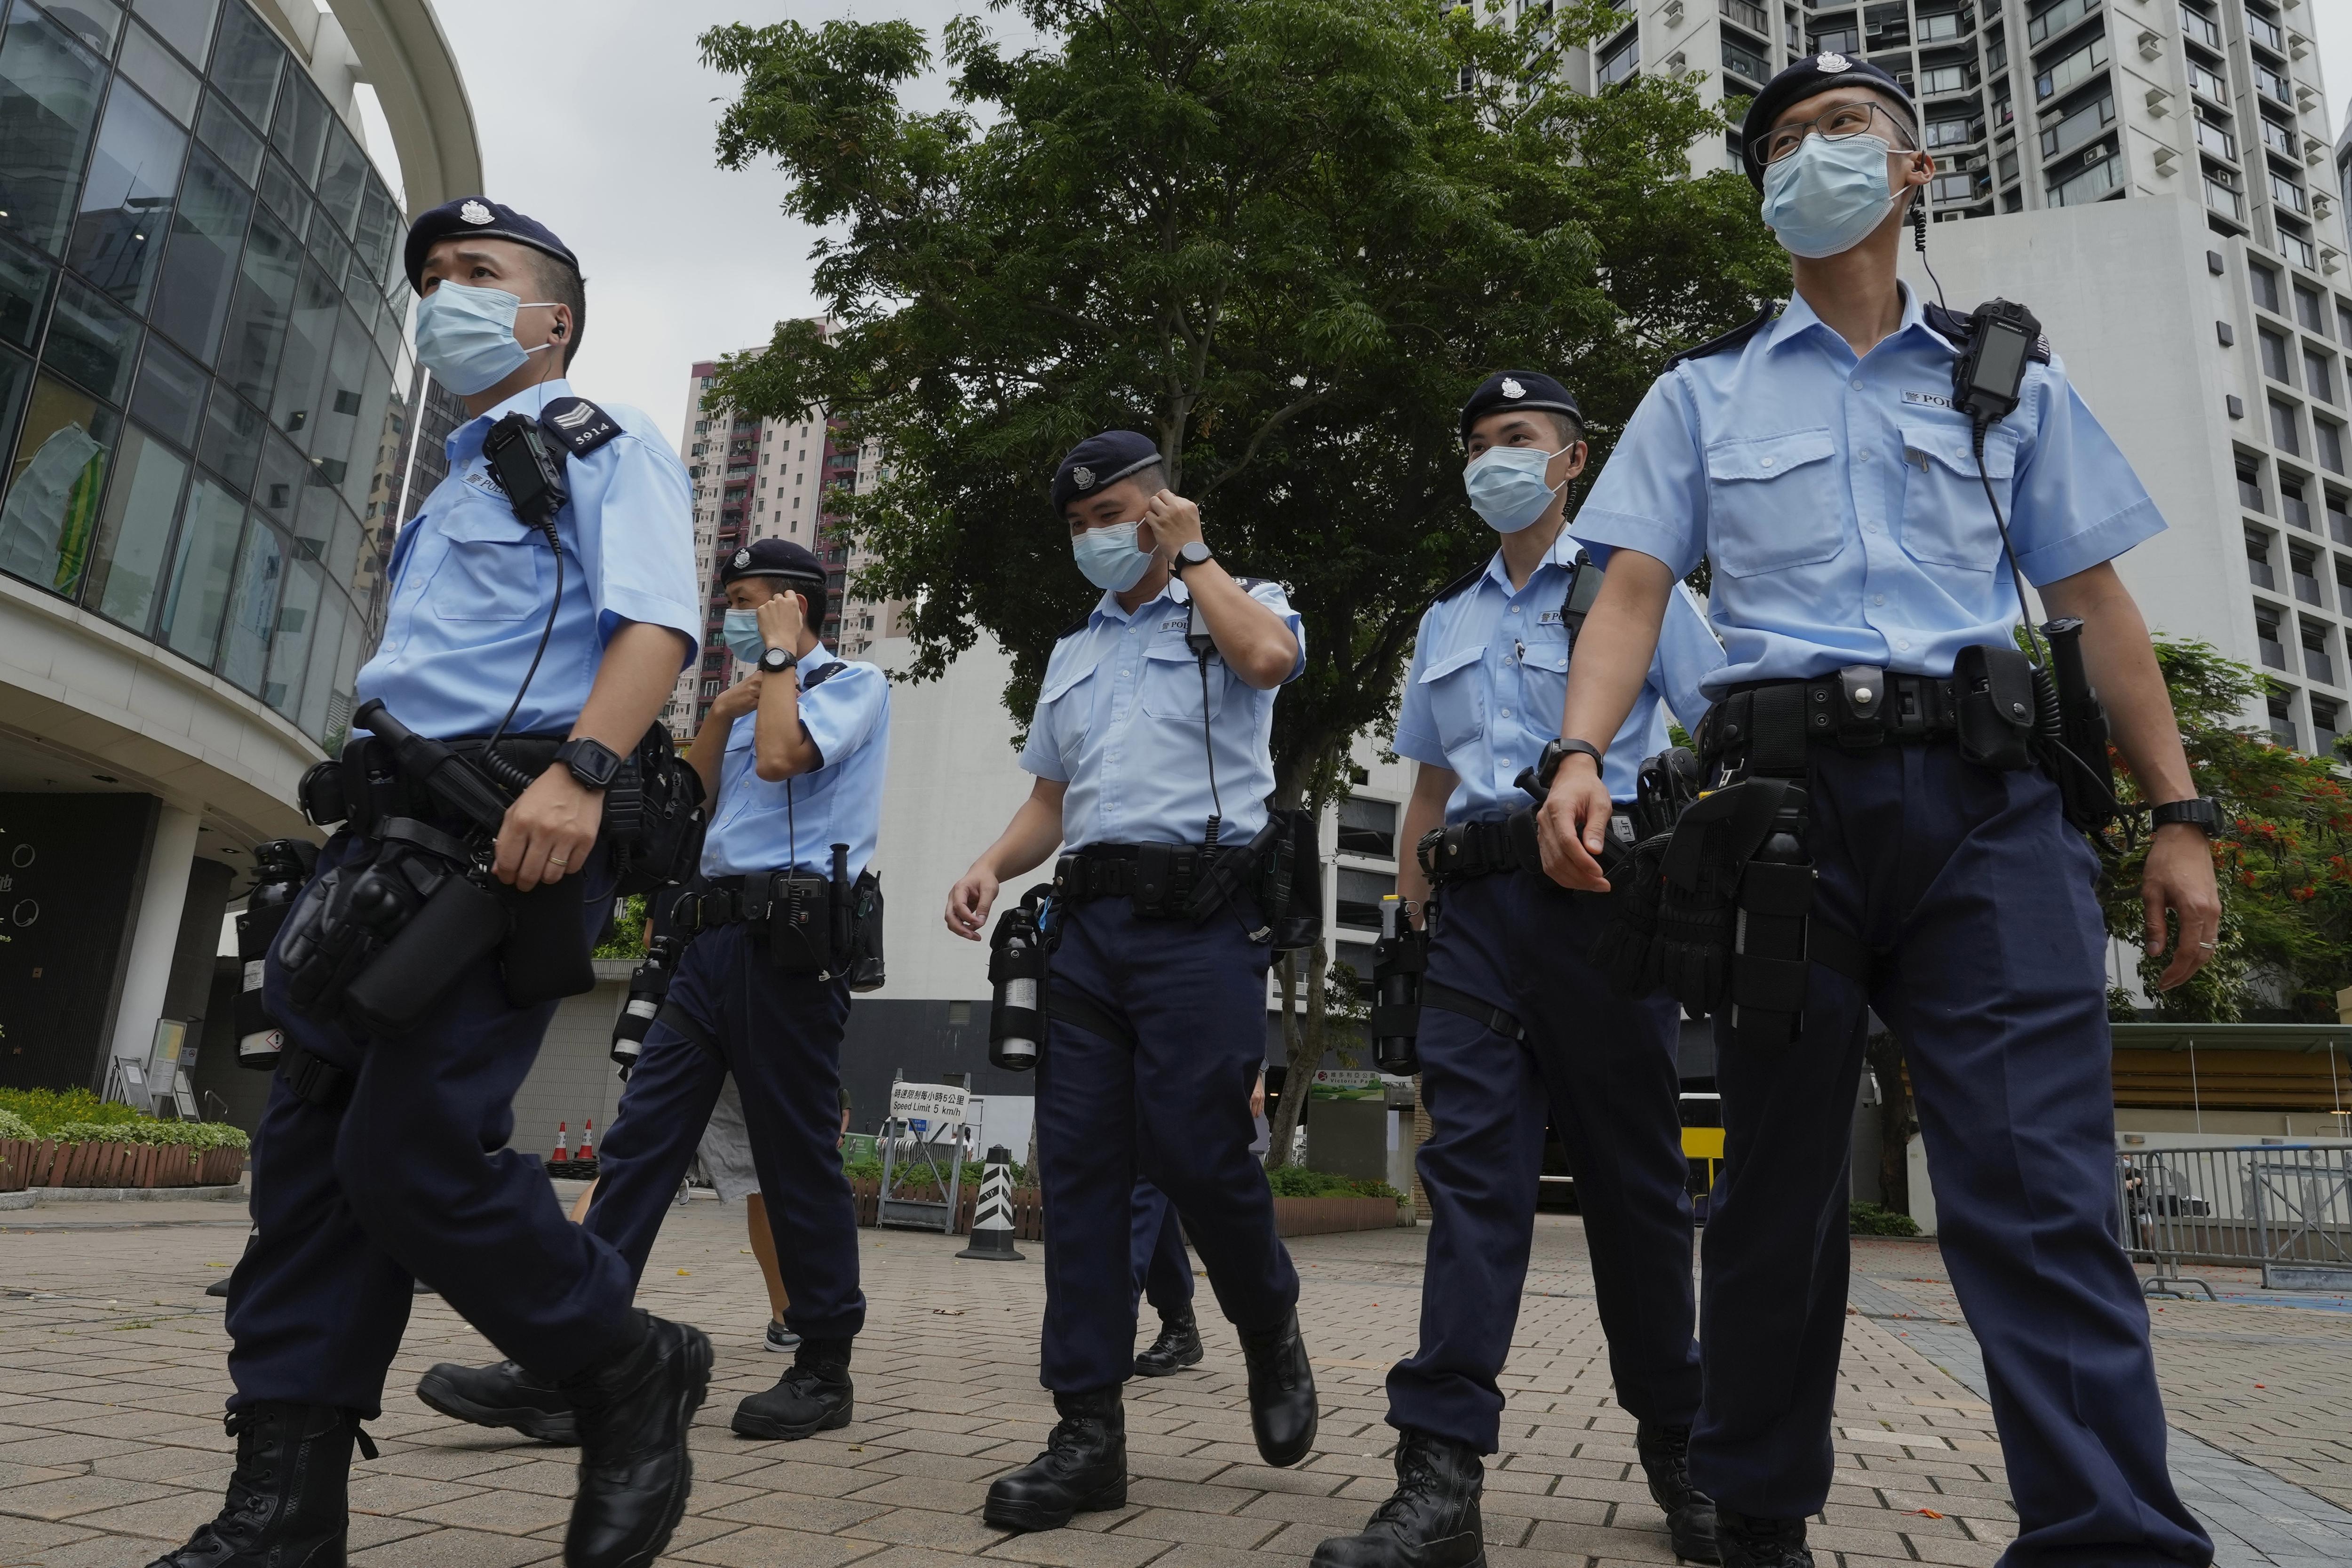 2021年6月4日,六四事件、天安門大屠殺32周年紀念日,香港警方全面壓制紀念活動(AP)